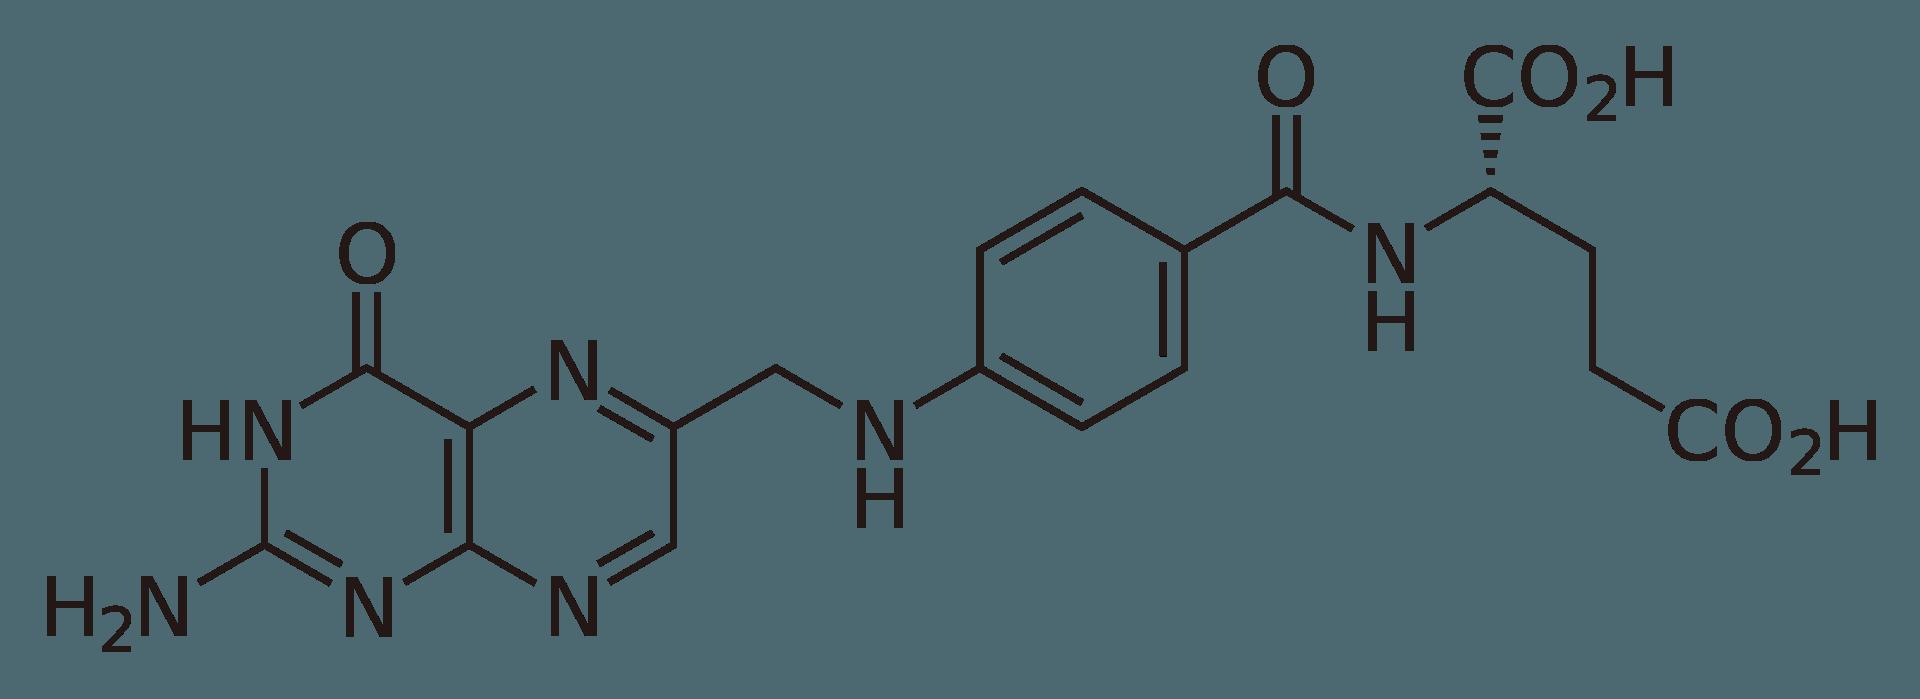 Дефицит фолиевой кислоты наносит вред сразу нескольким поколениям